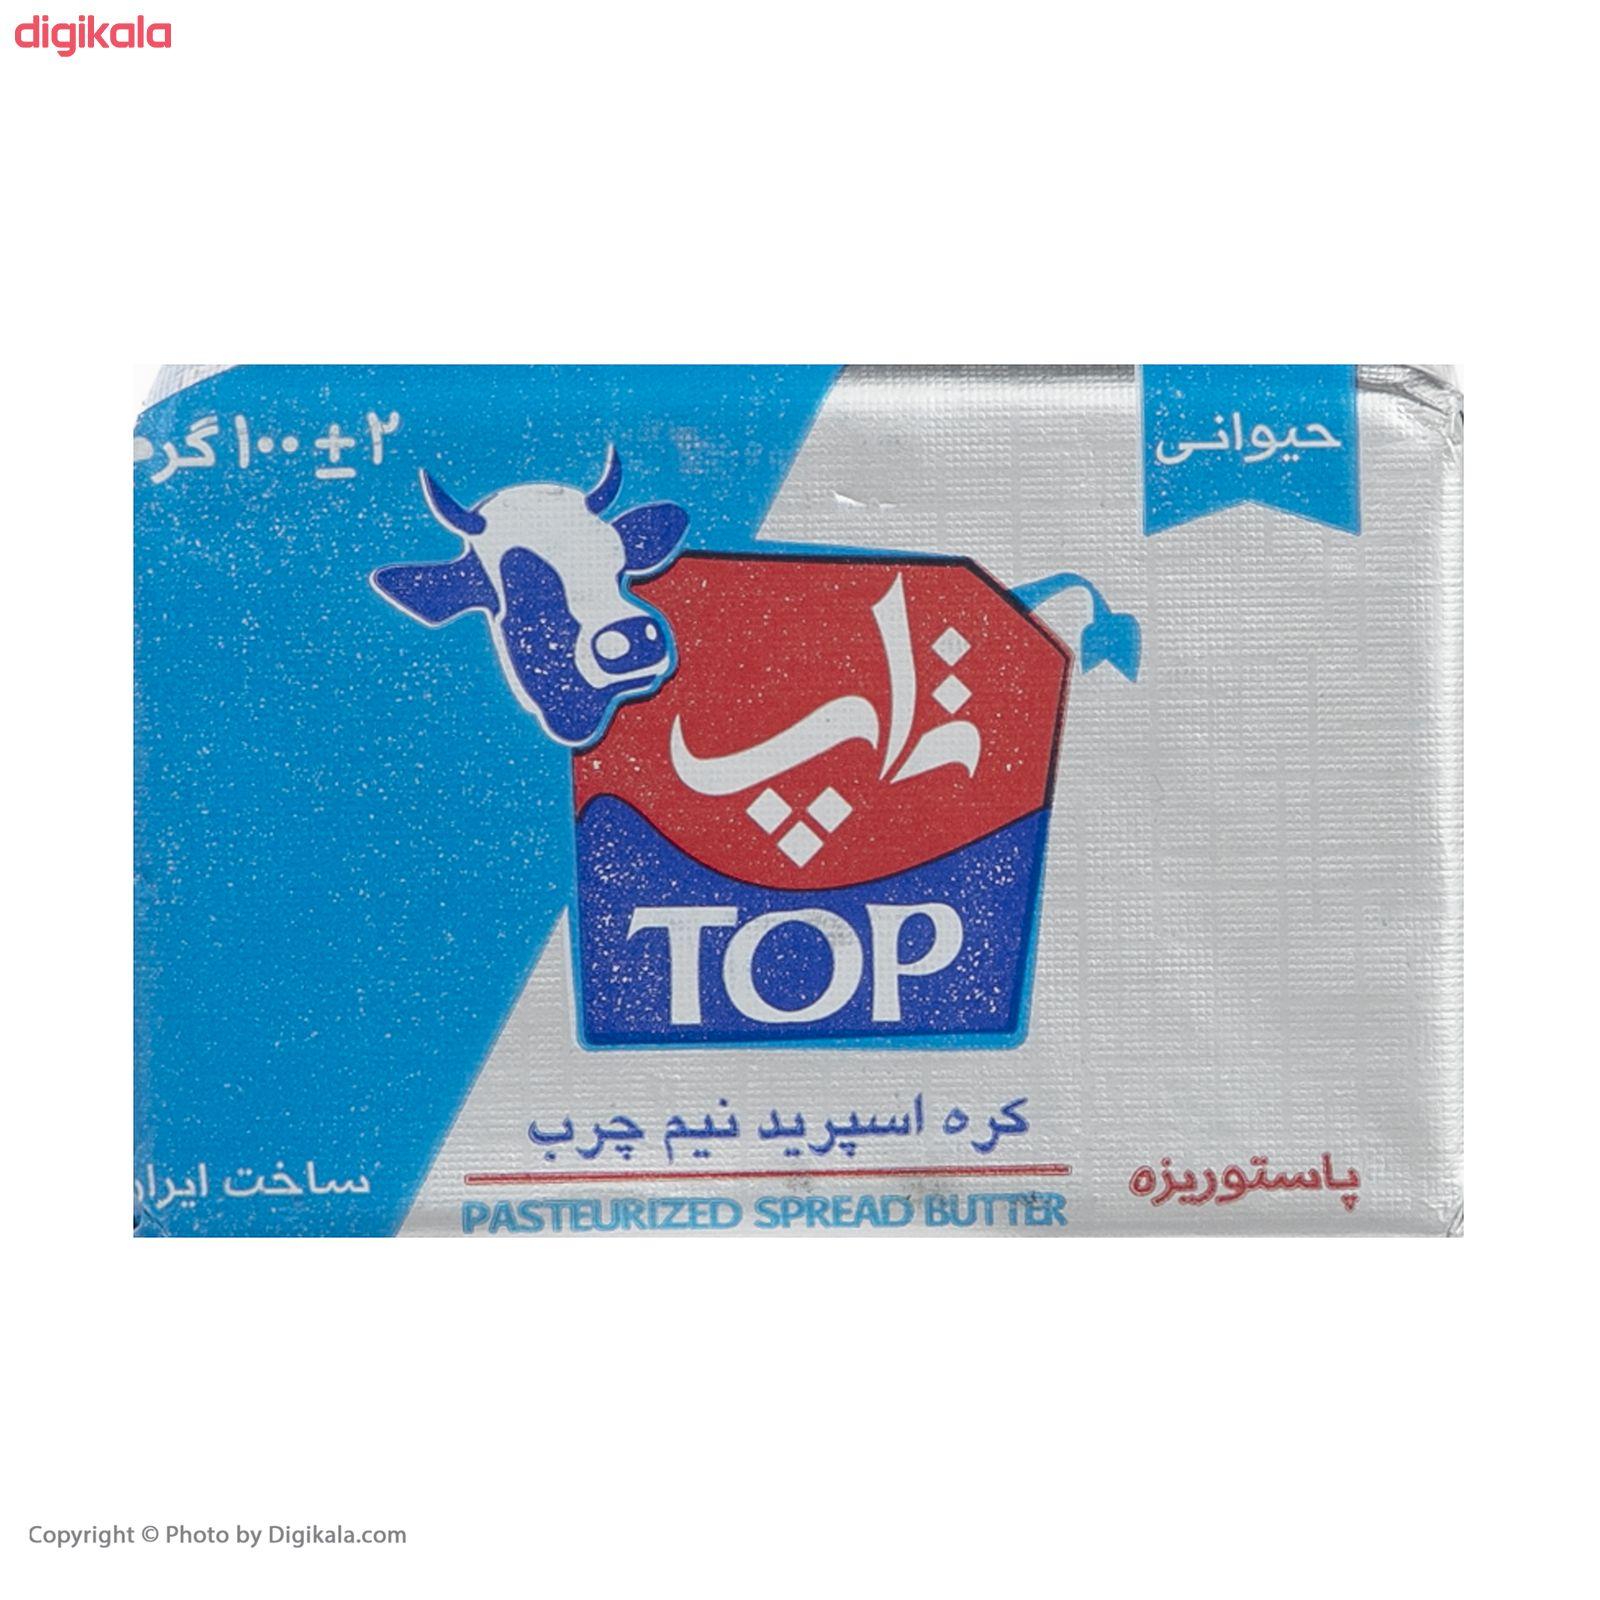 کره اسپرید تاپ - 100 گرم  main 1 5